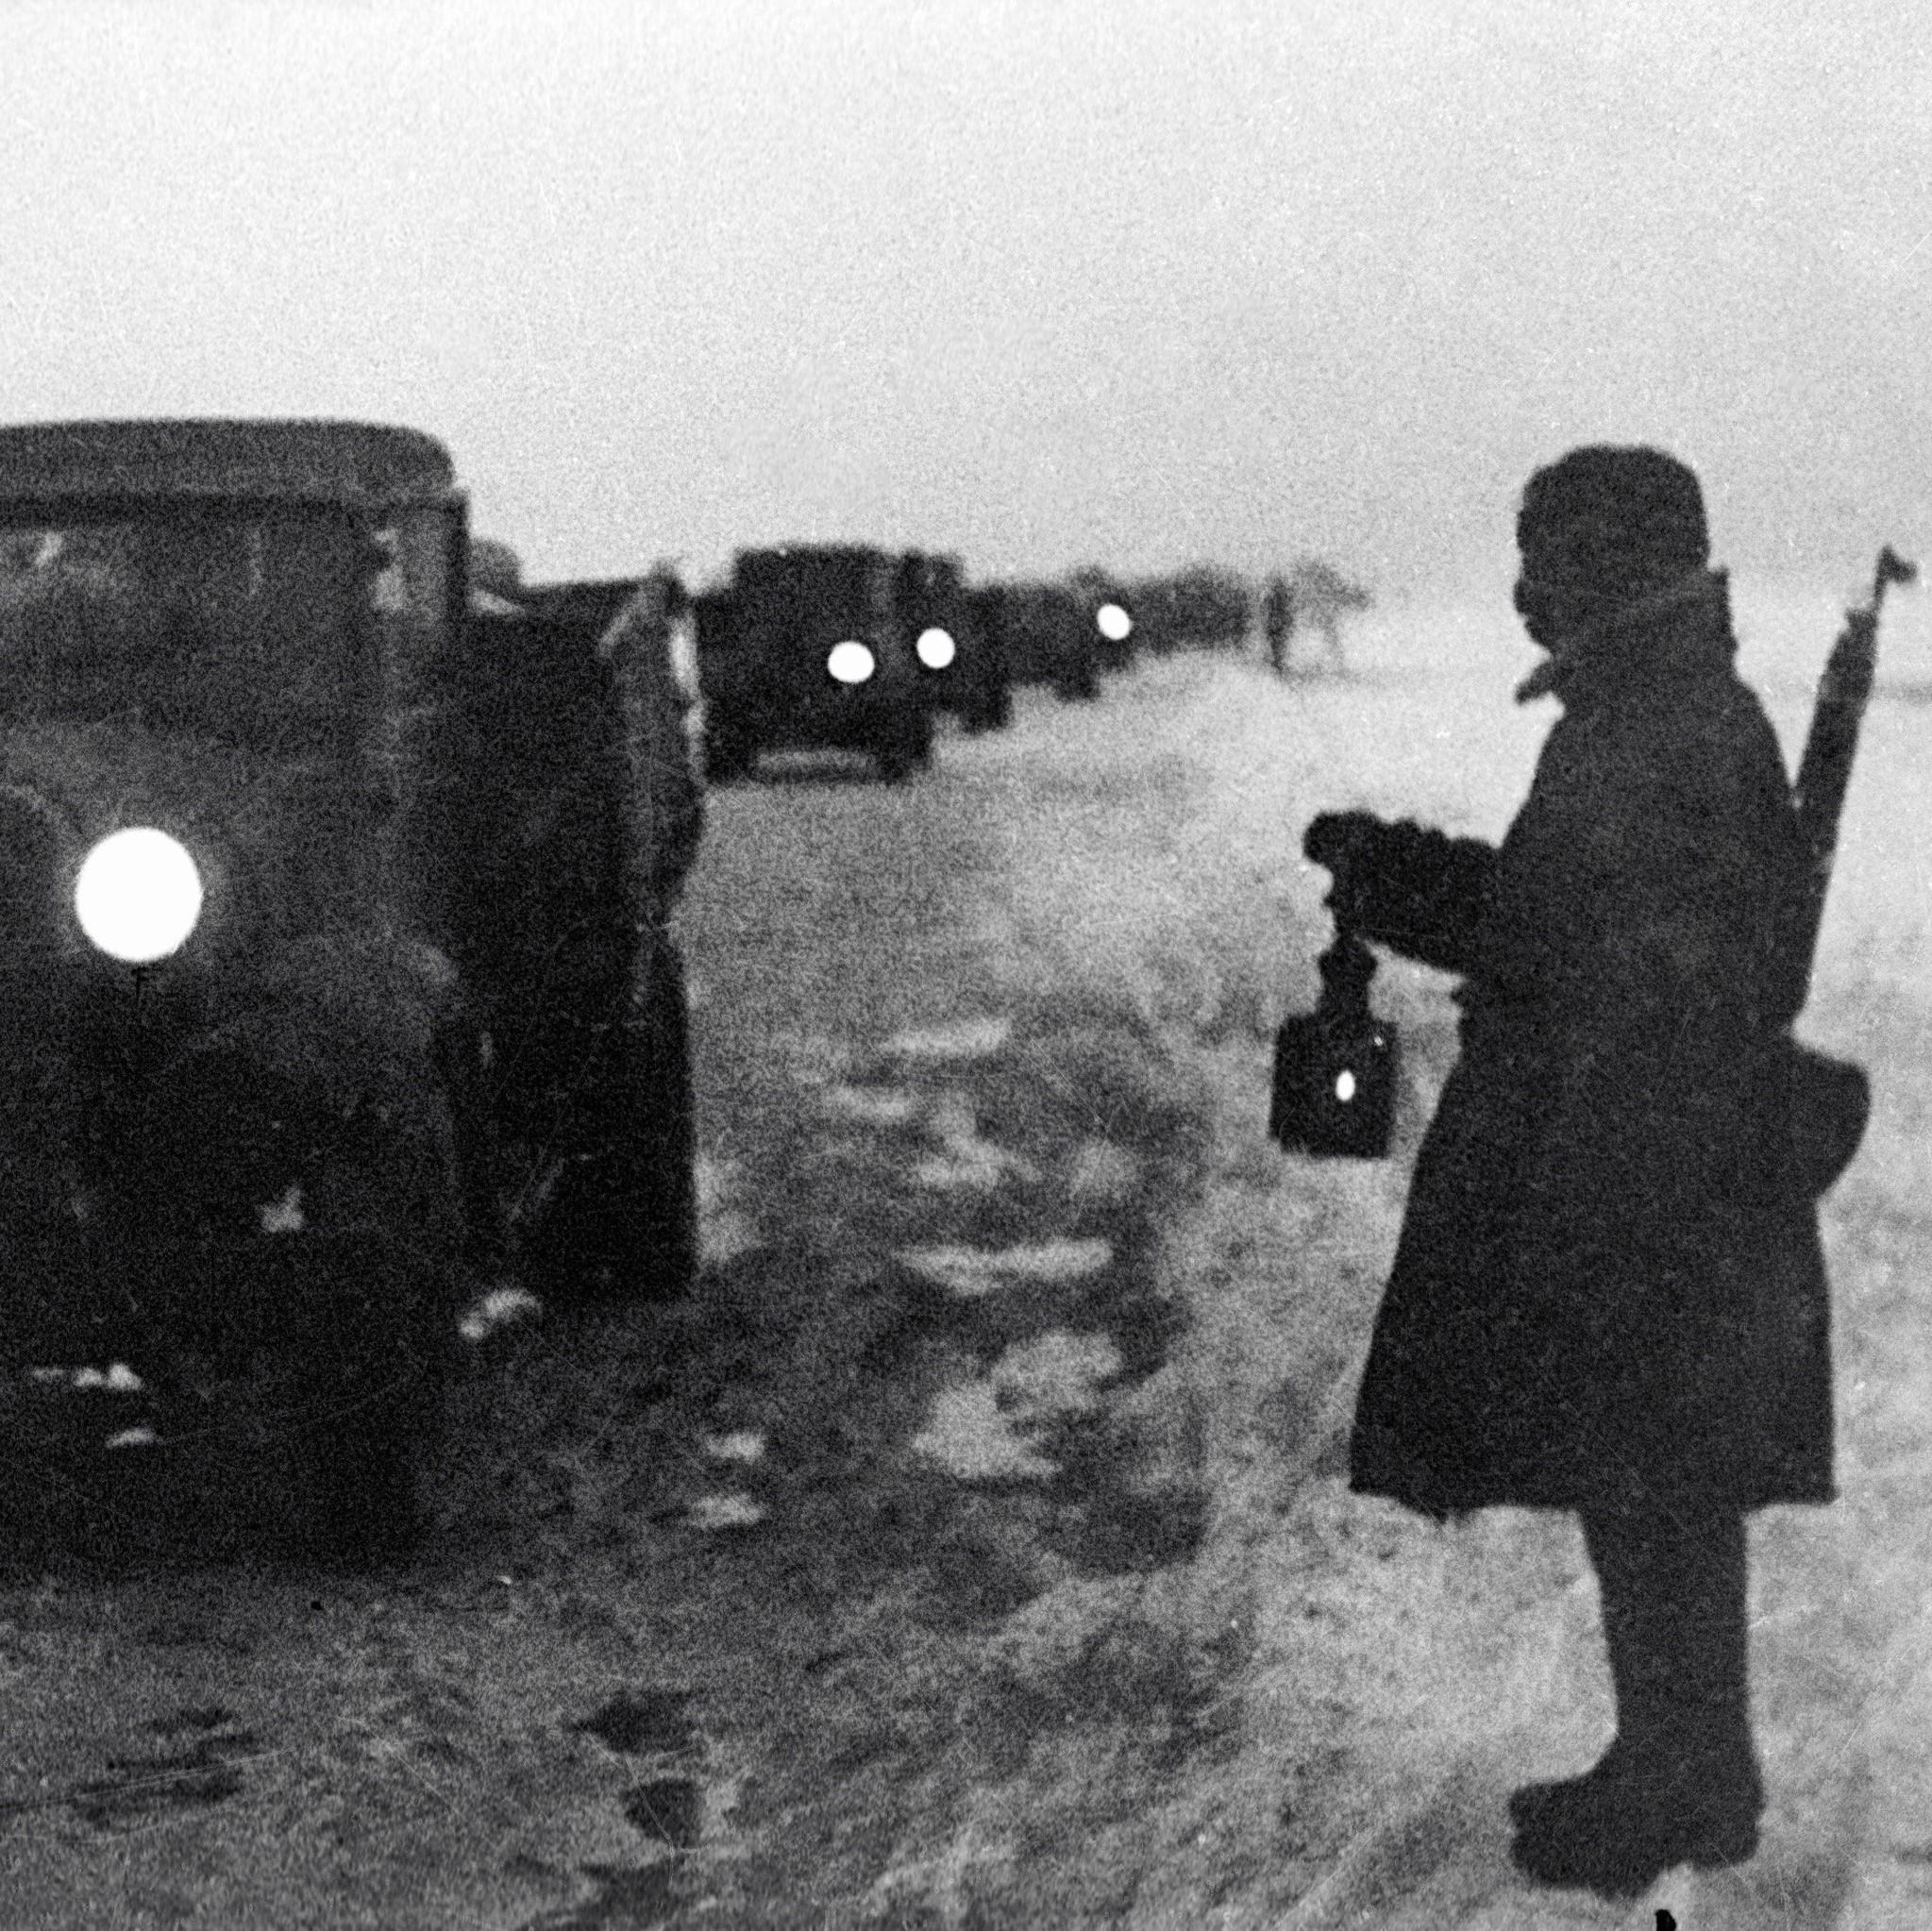 Экскурсия «Дорога Жизни Блокадного Ленинграда»